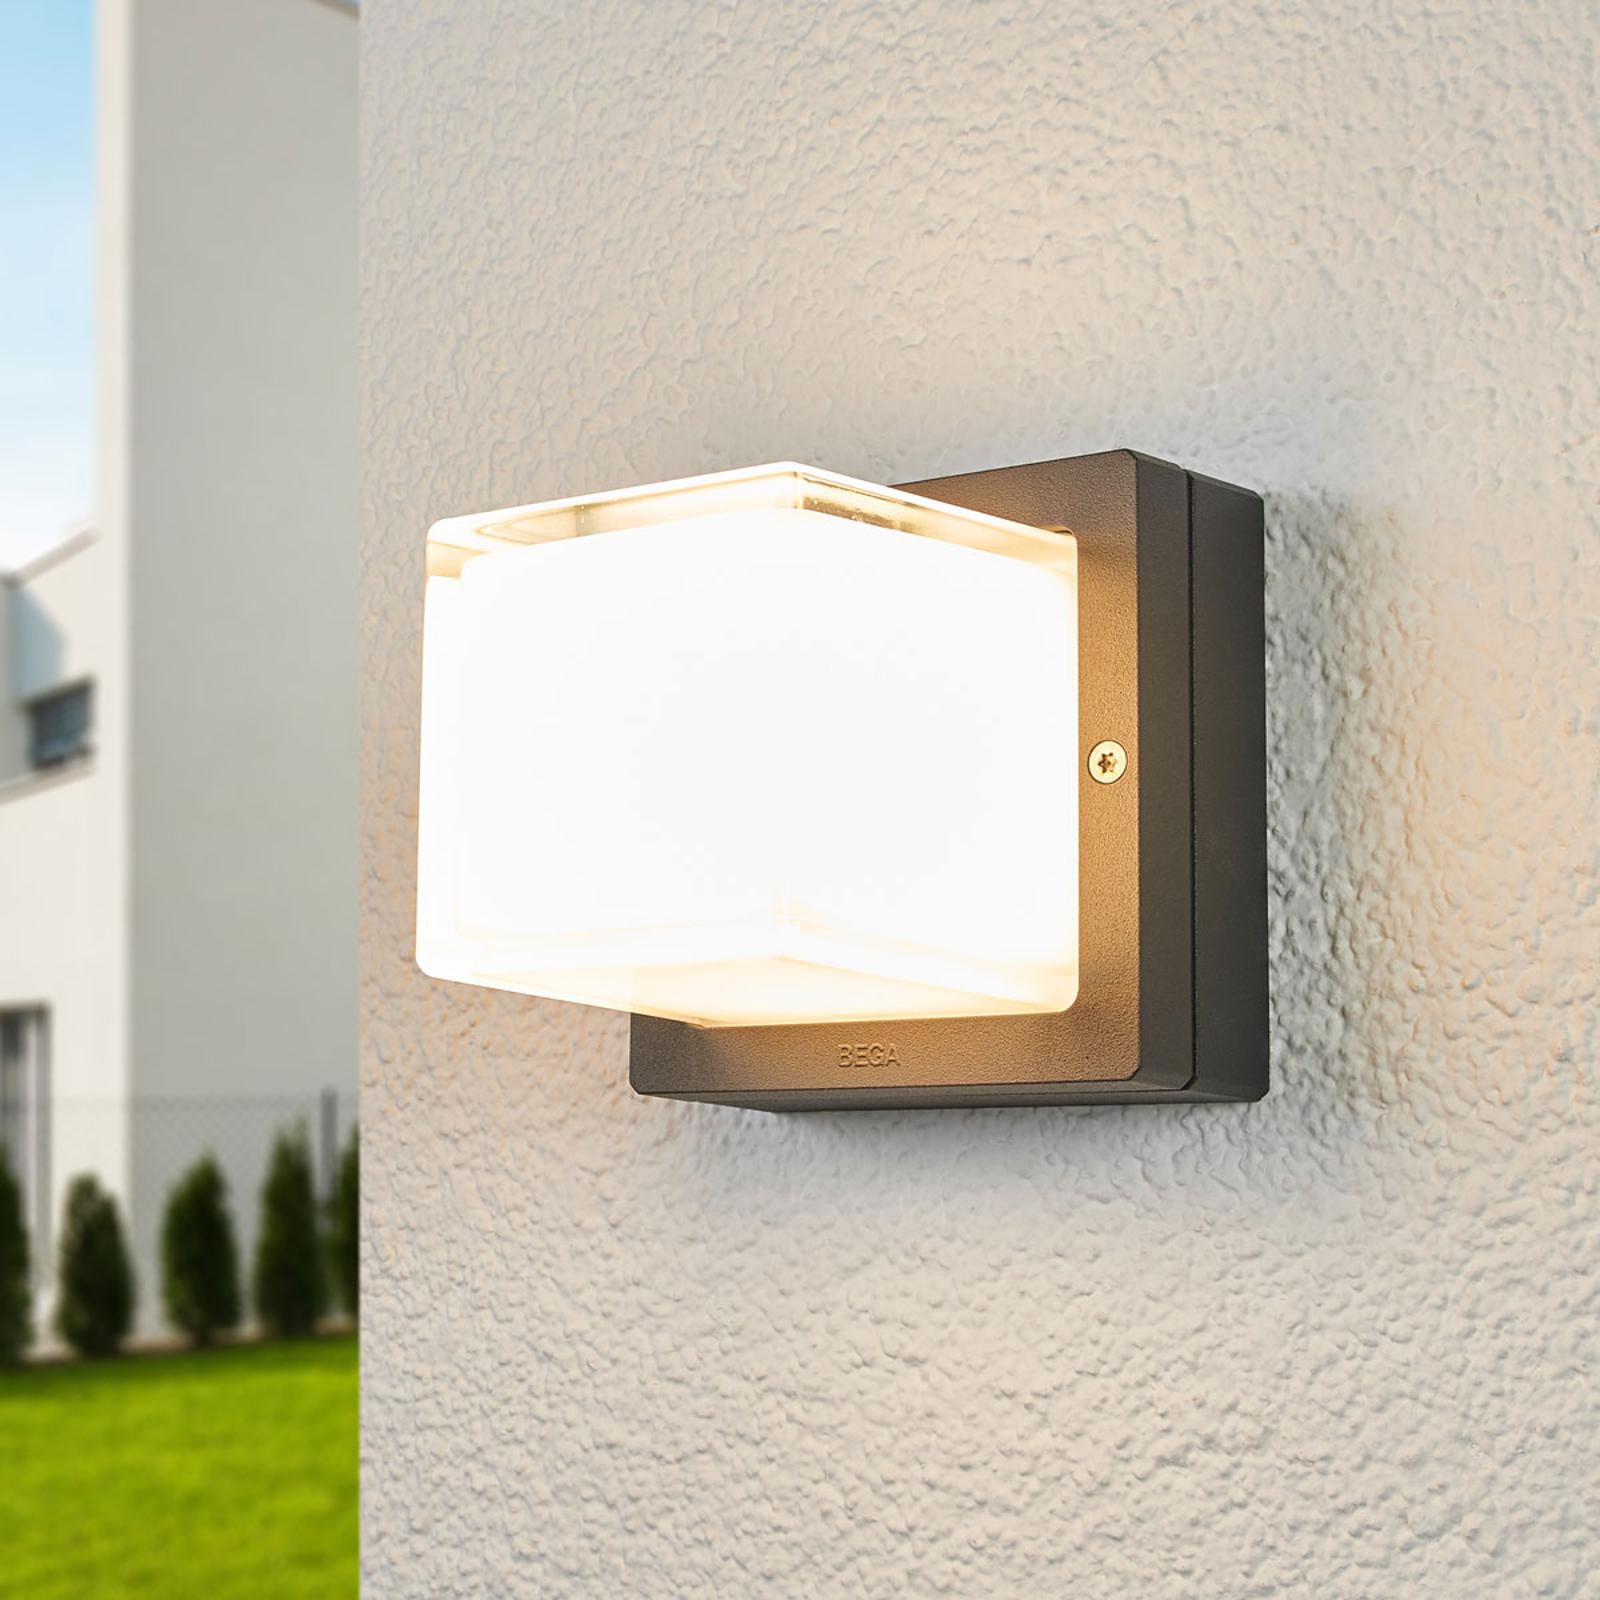 BEGA 22432K3 LED outdoor wall light graphite 3000K_1566008_1